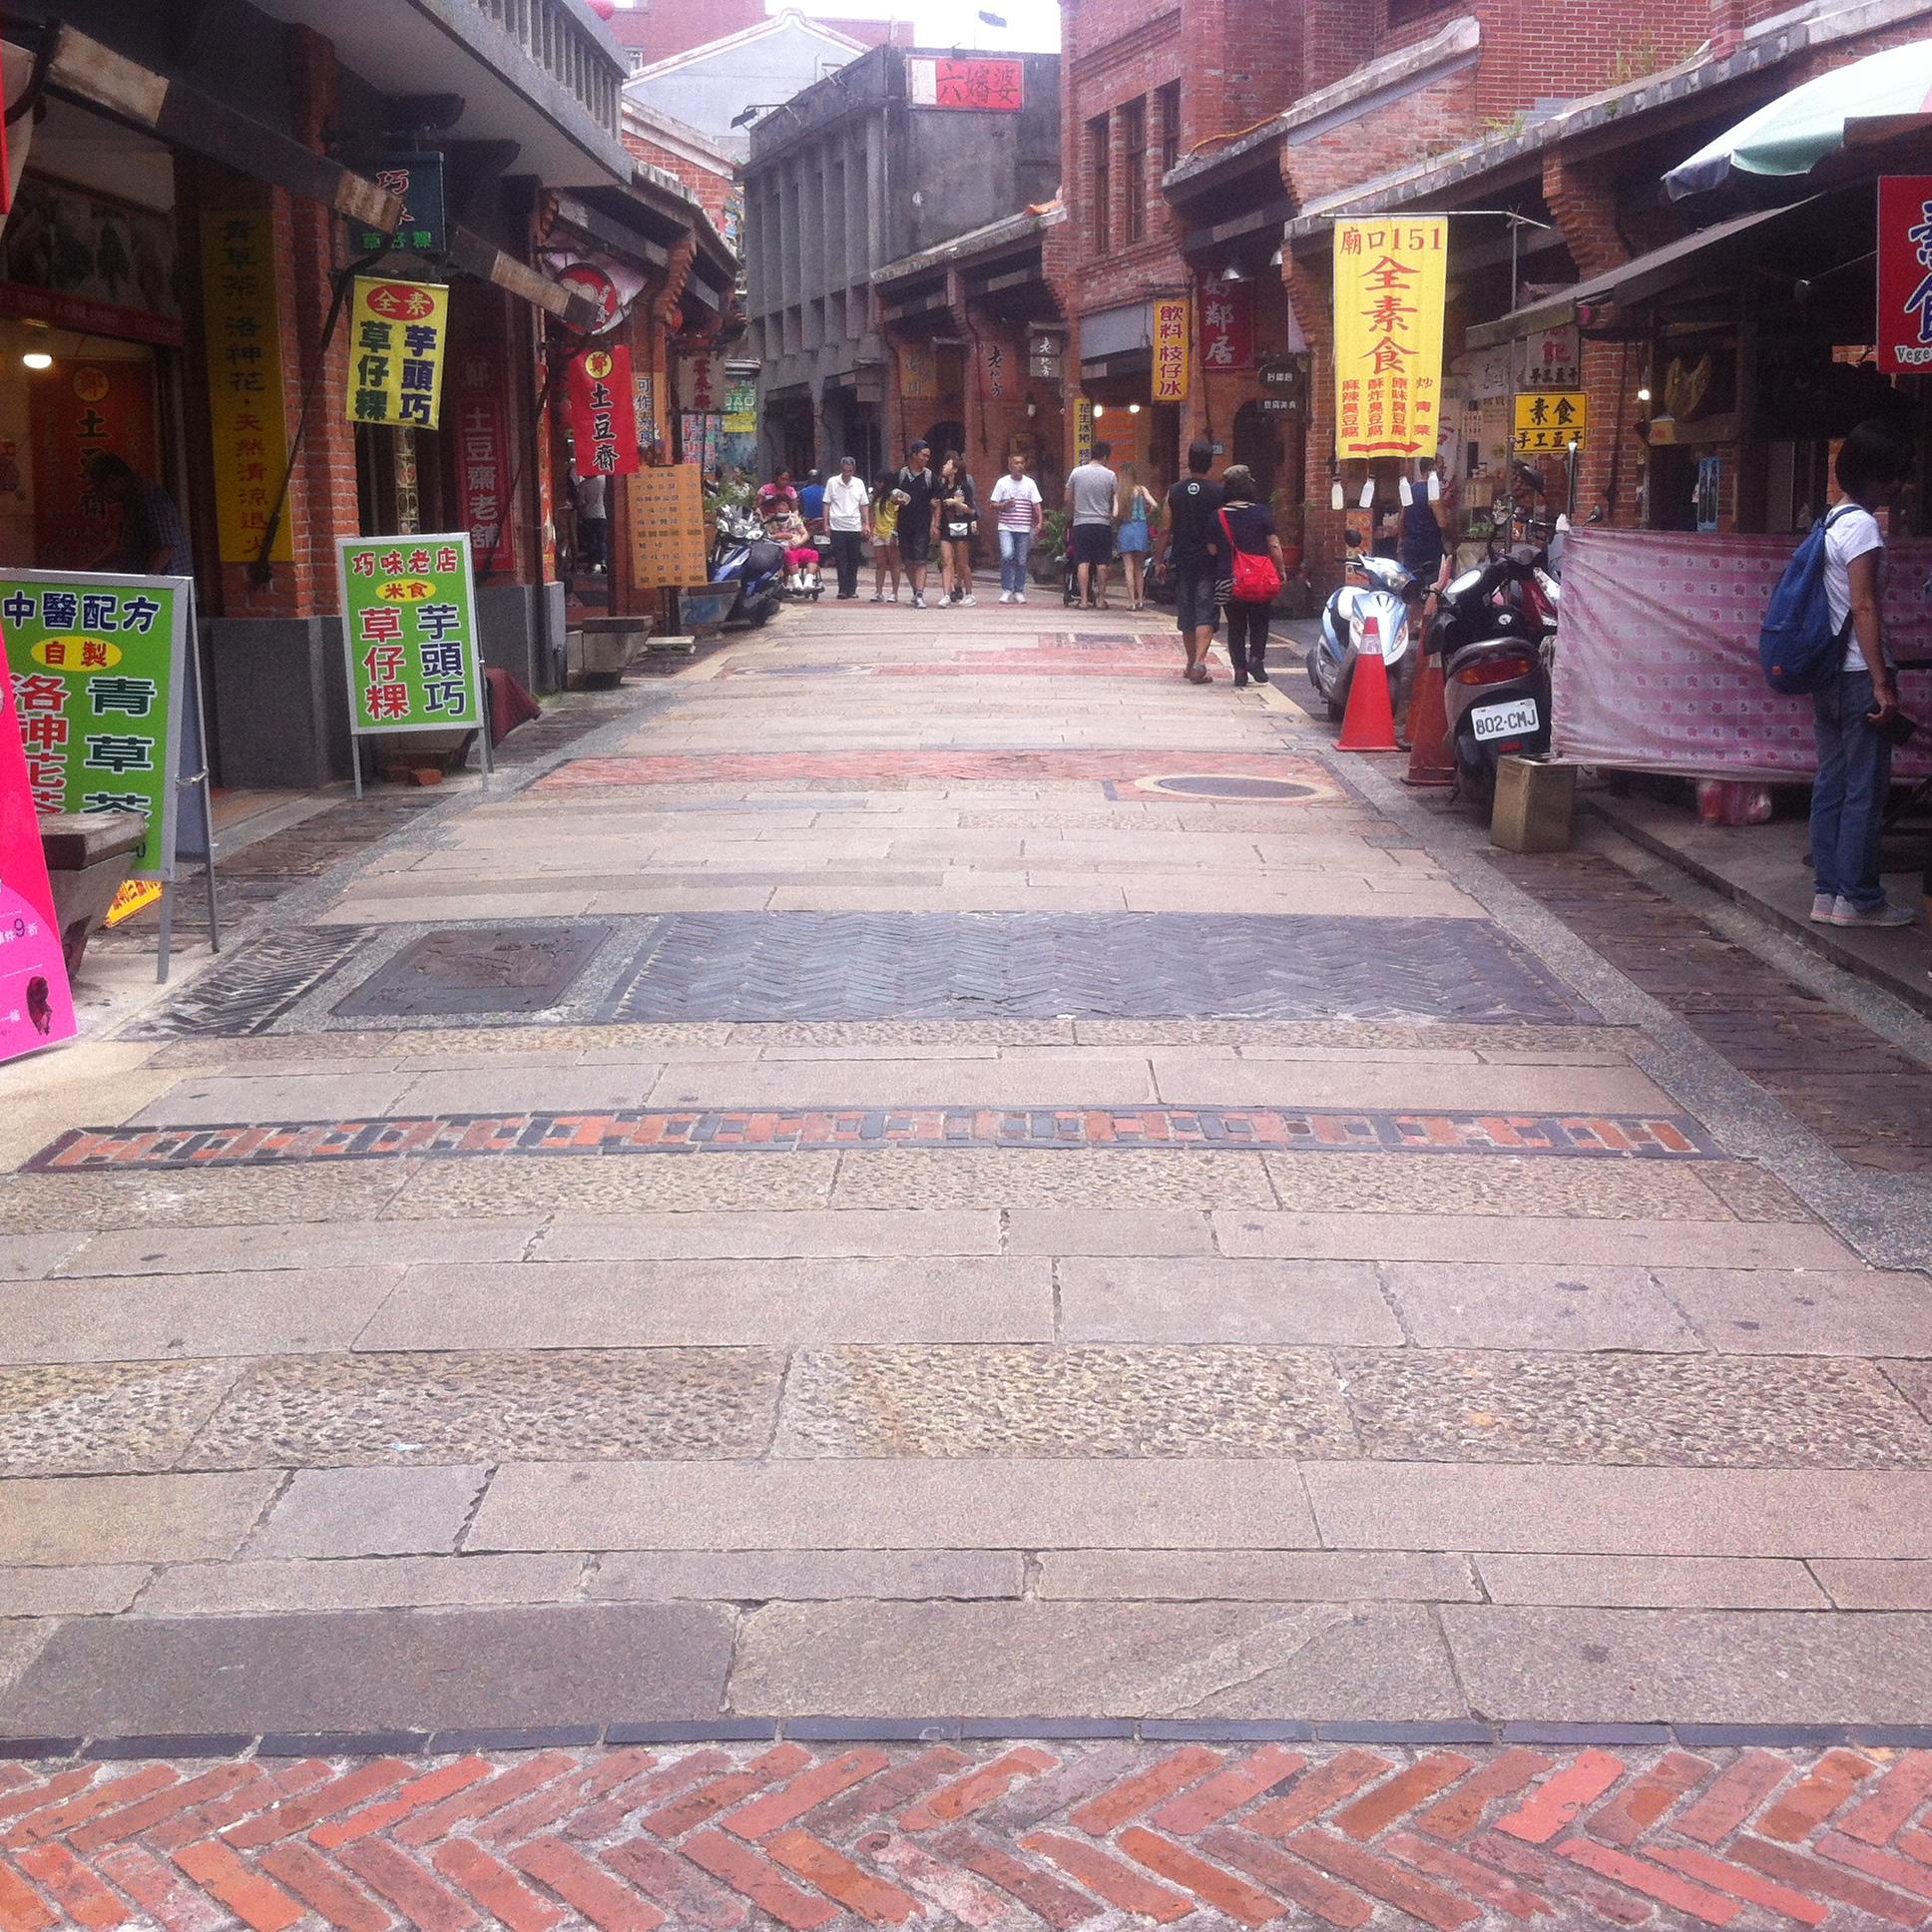 【老街】臭豆腐で有名な深坑老街